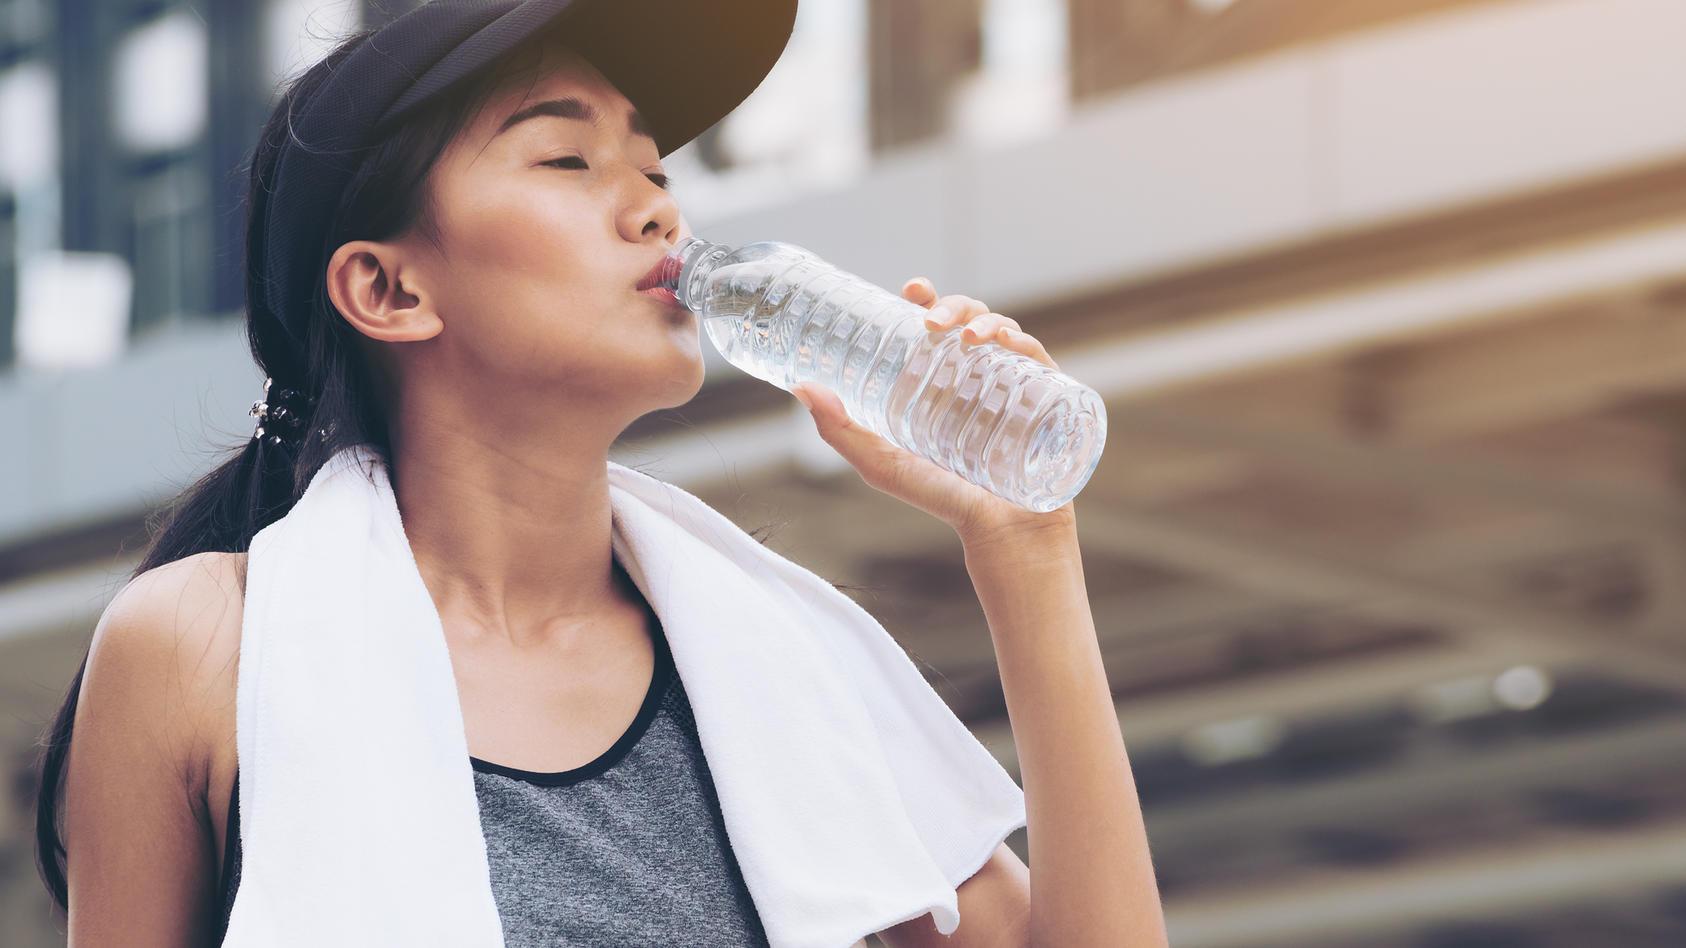 Bei einer Exsikkose oder Dehydratation ist der Wasseranteil des Körpers stark erniedrigt